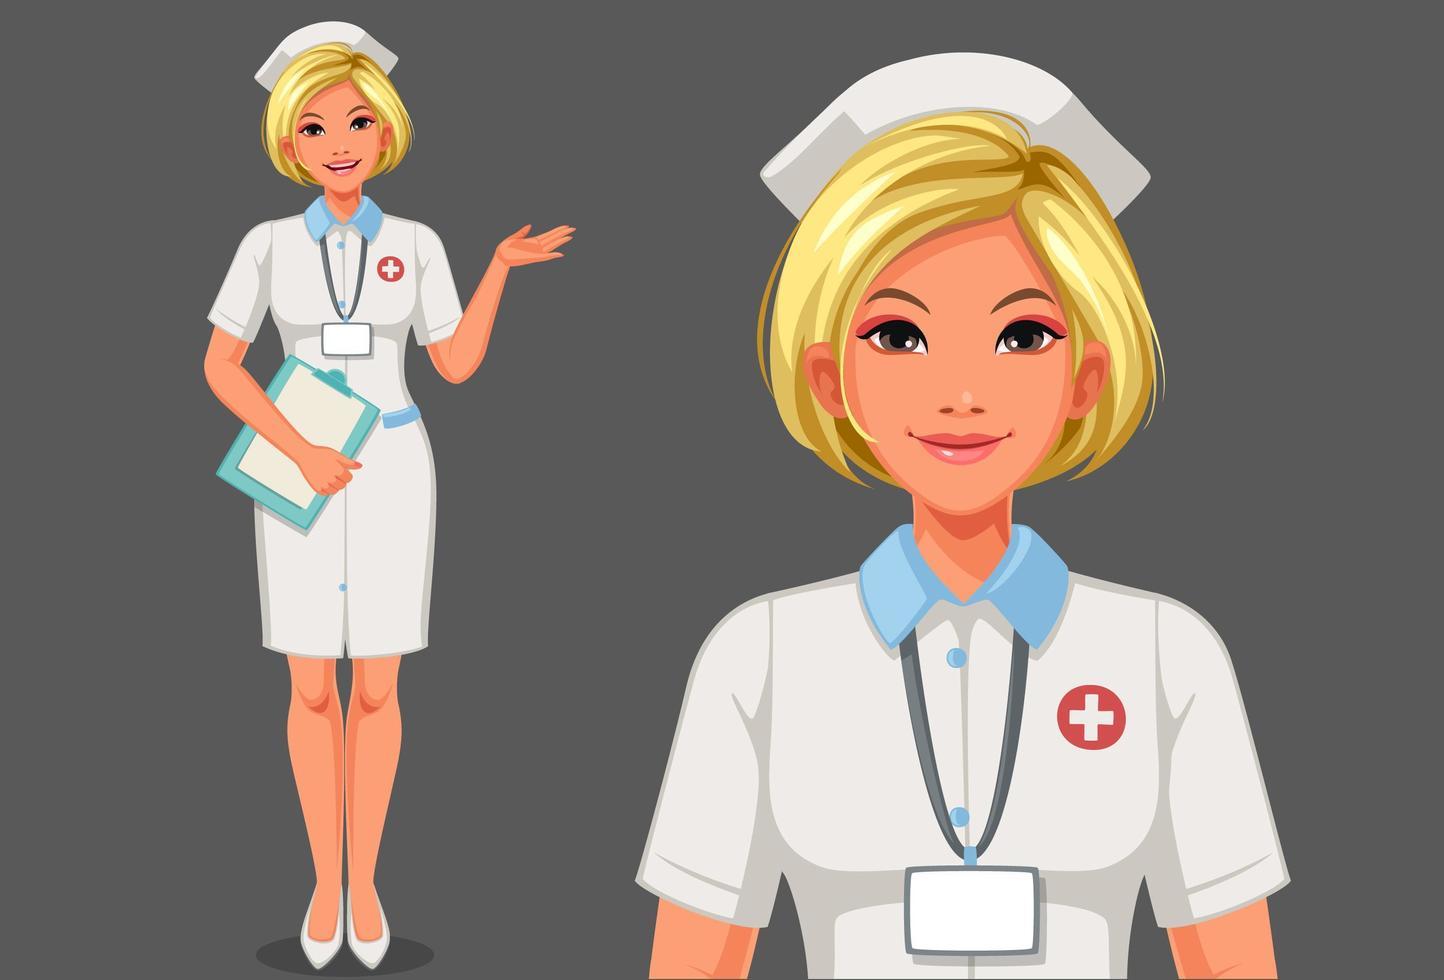 jovem enfermeira segurando um pacote de prancheta vetor